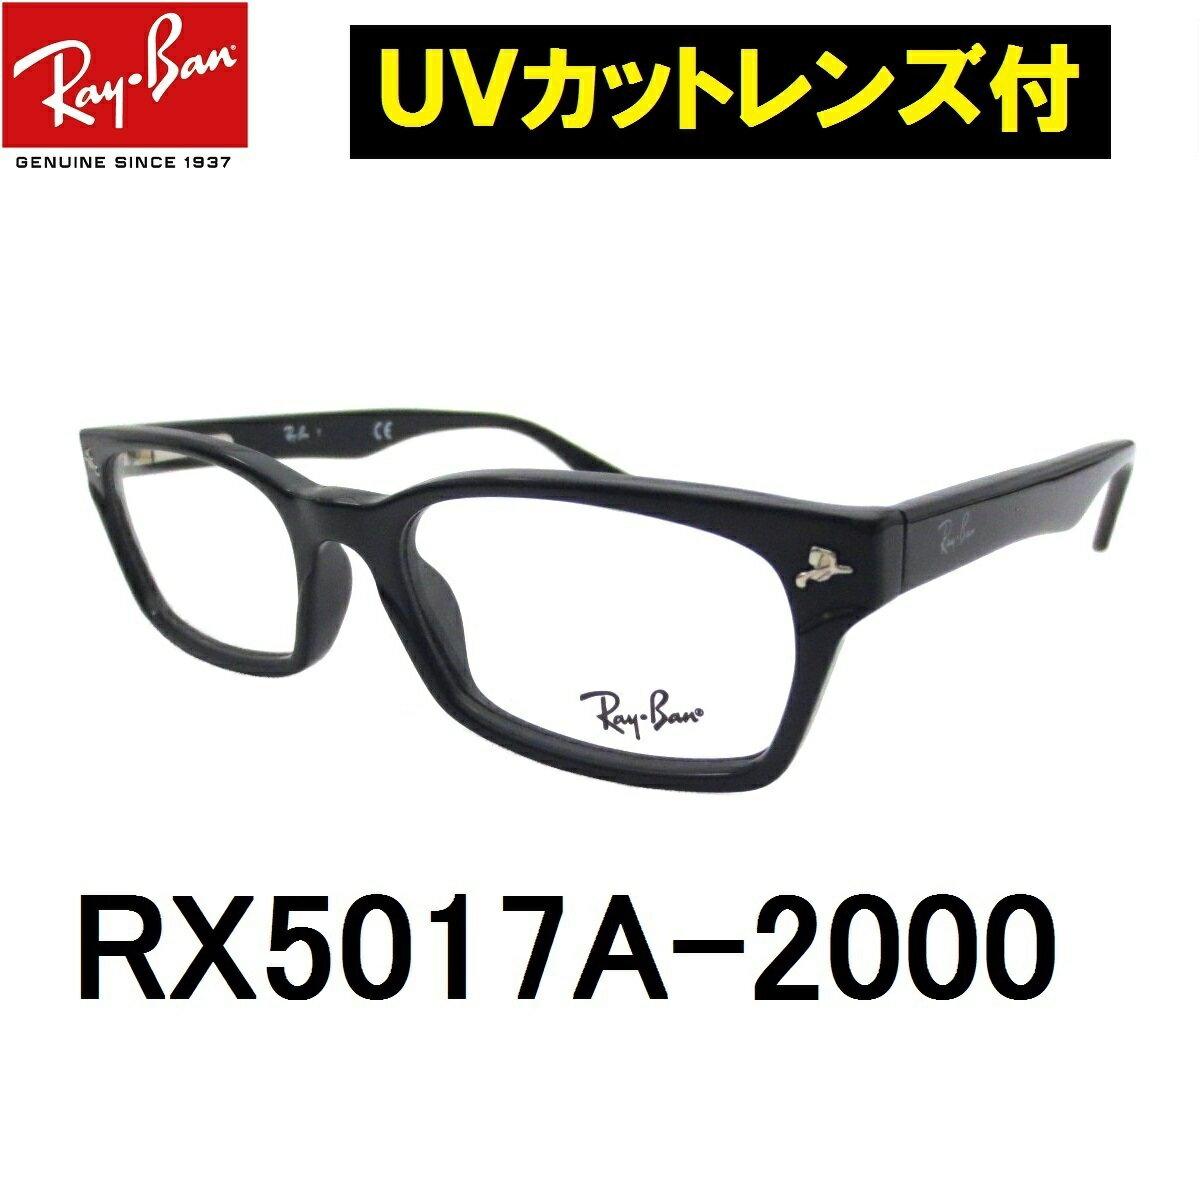 UVカットレンズ付き ダテメガネは13時注文まで当日出荷可 レイバン メガネ 伊達メガネ Ray-Ban RX5017A-2000(52)アジアンフィット メンズ レディース 男女兼用 UVカット 度付き 近視 乱視 老眼鏡 ブルーライト ミラリジャパンメーカー保証書付